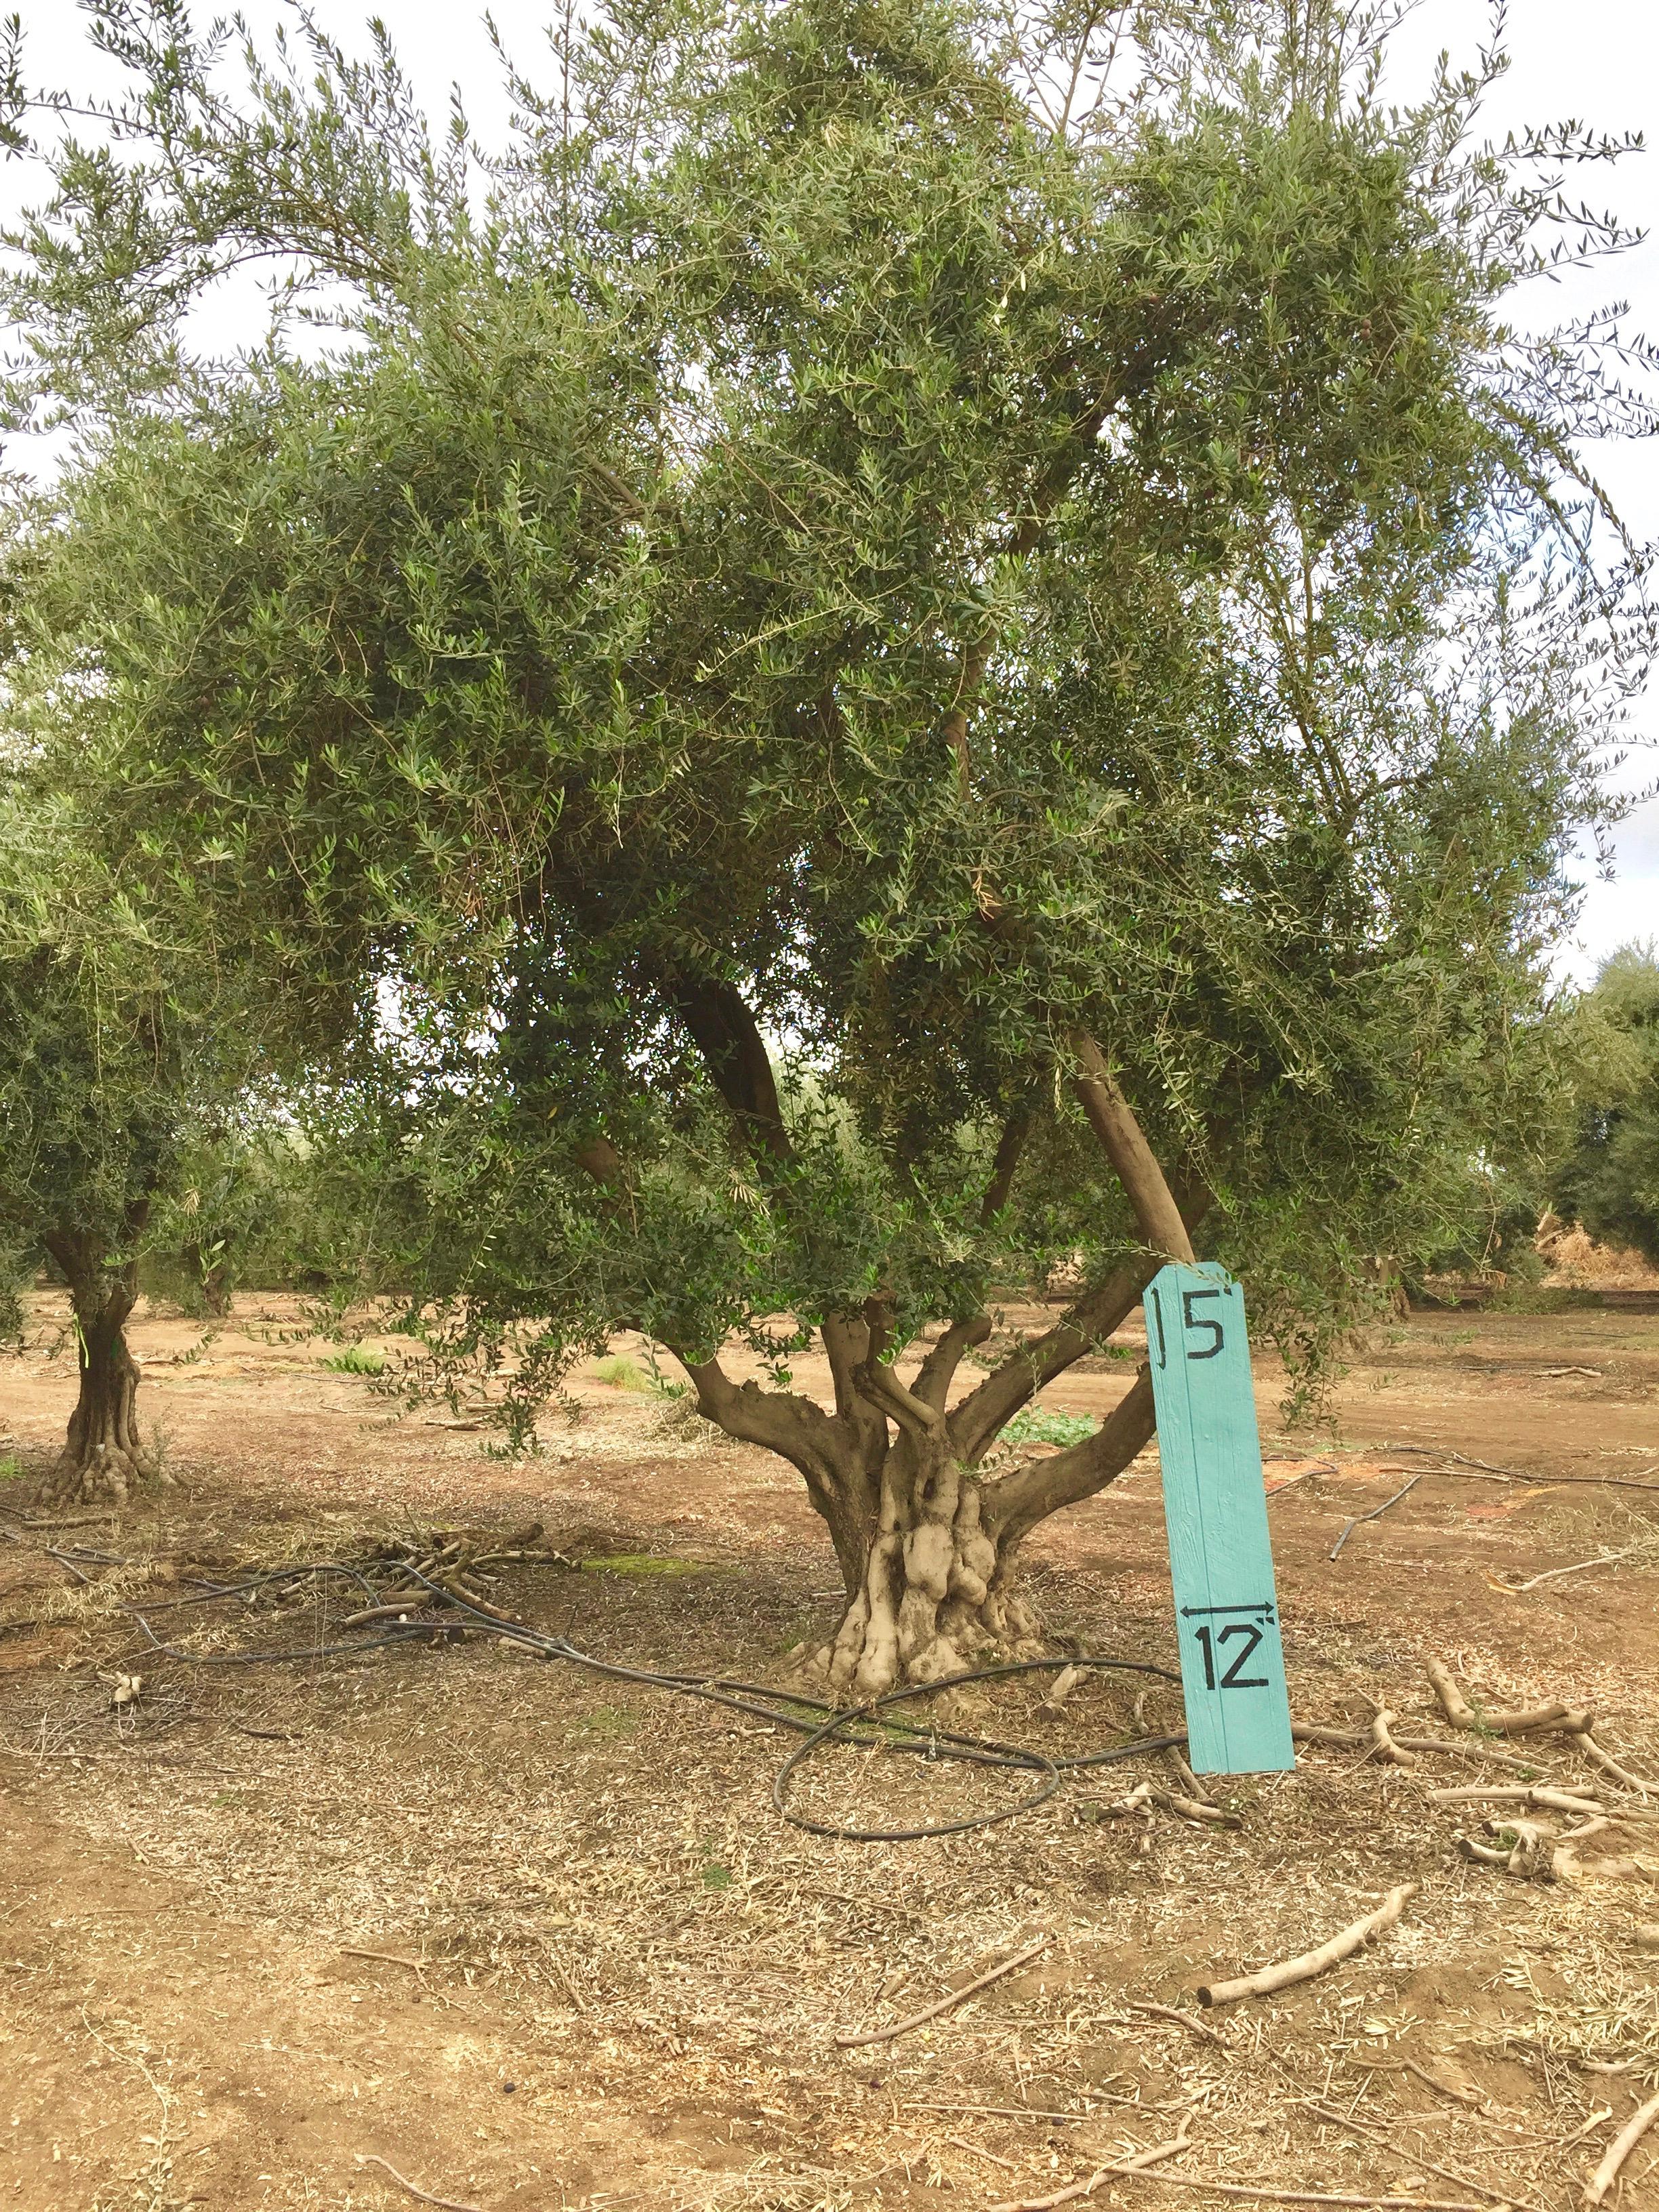 XLarge Olive Tree Image 1